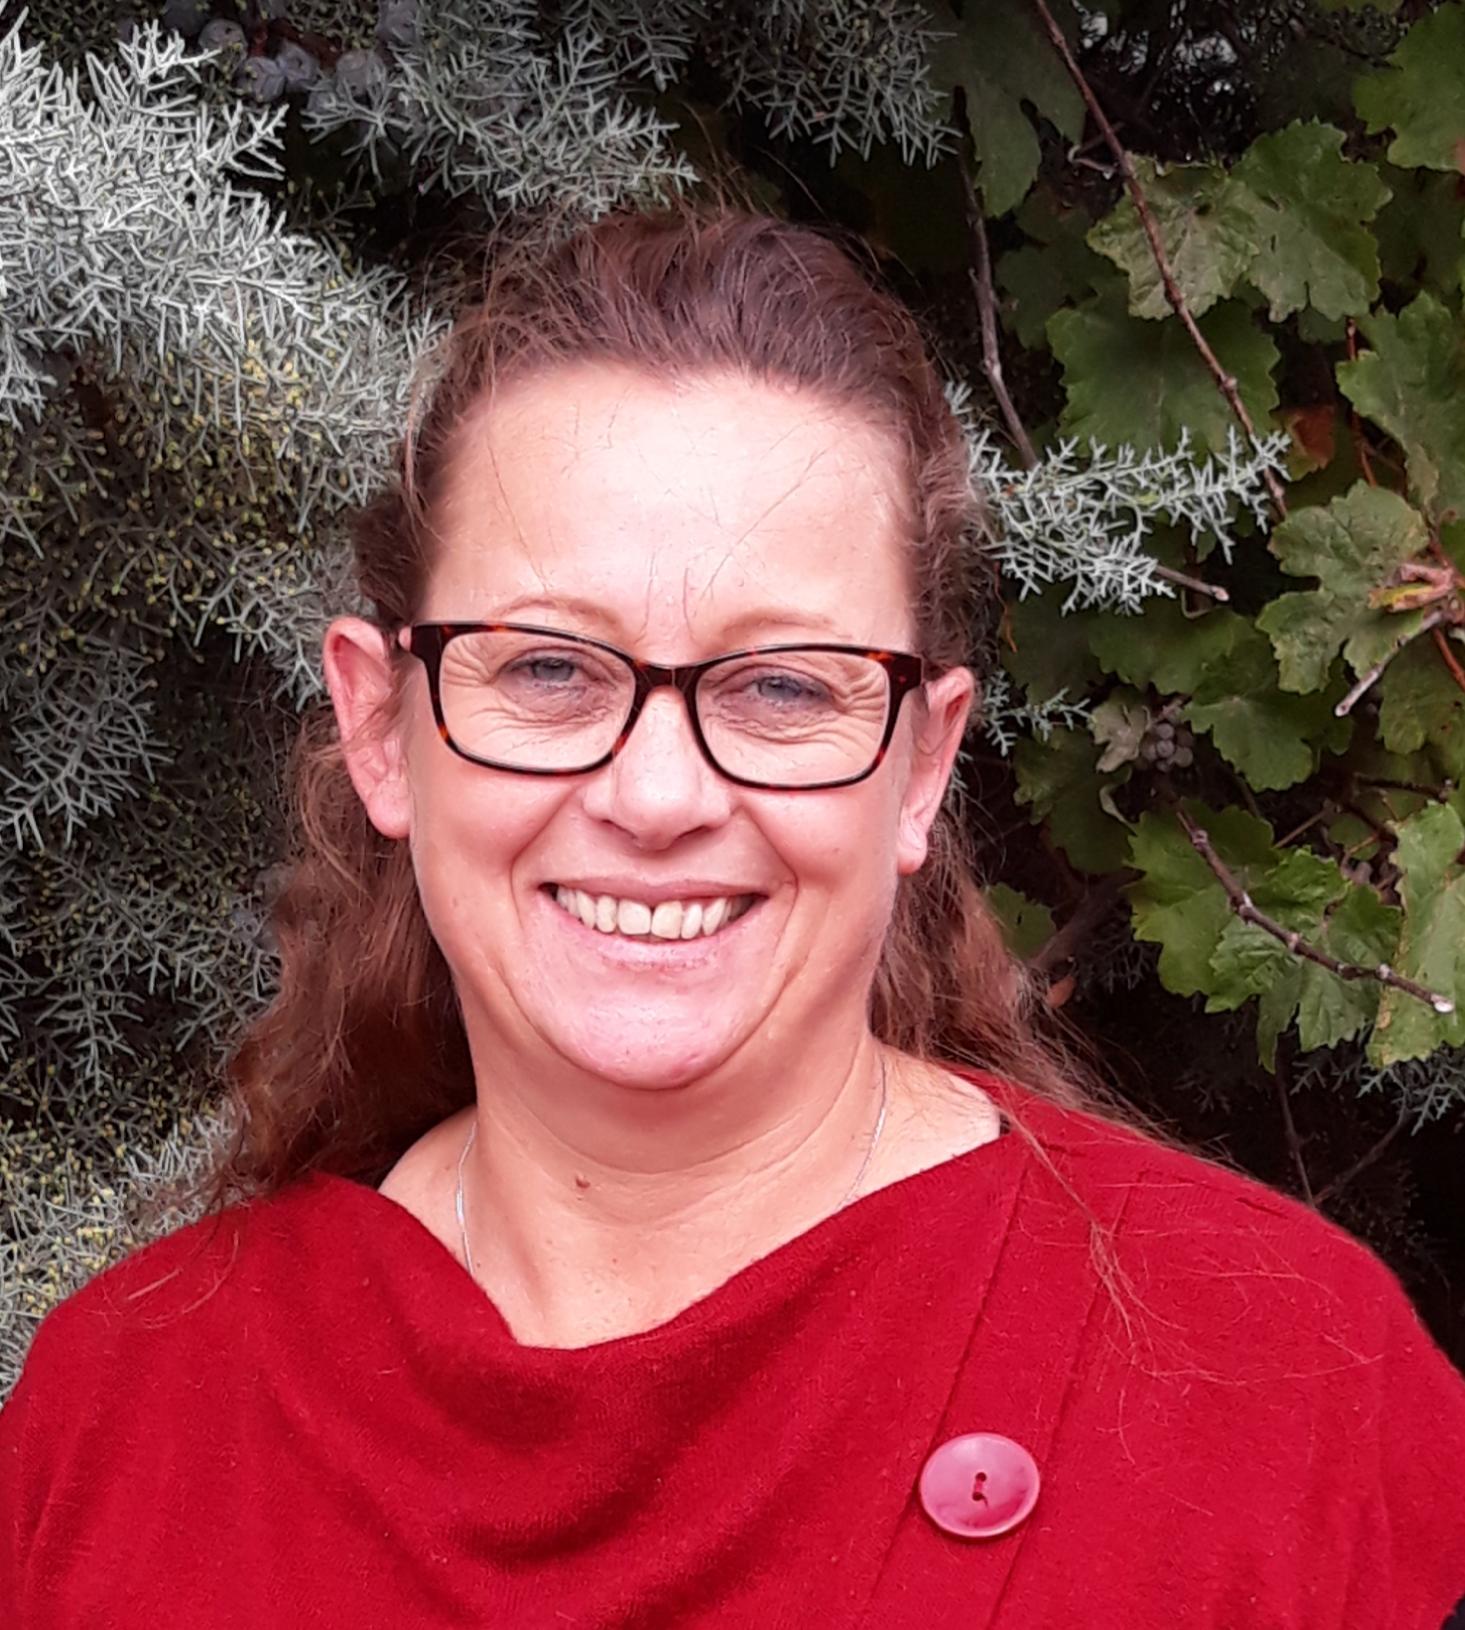 Mandy Pagett